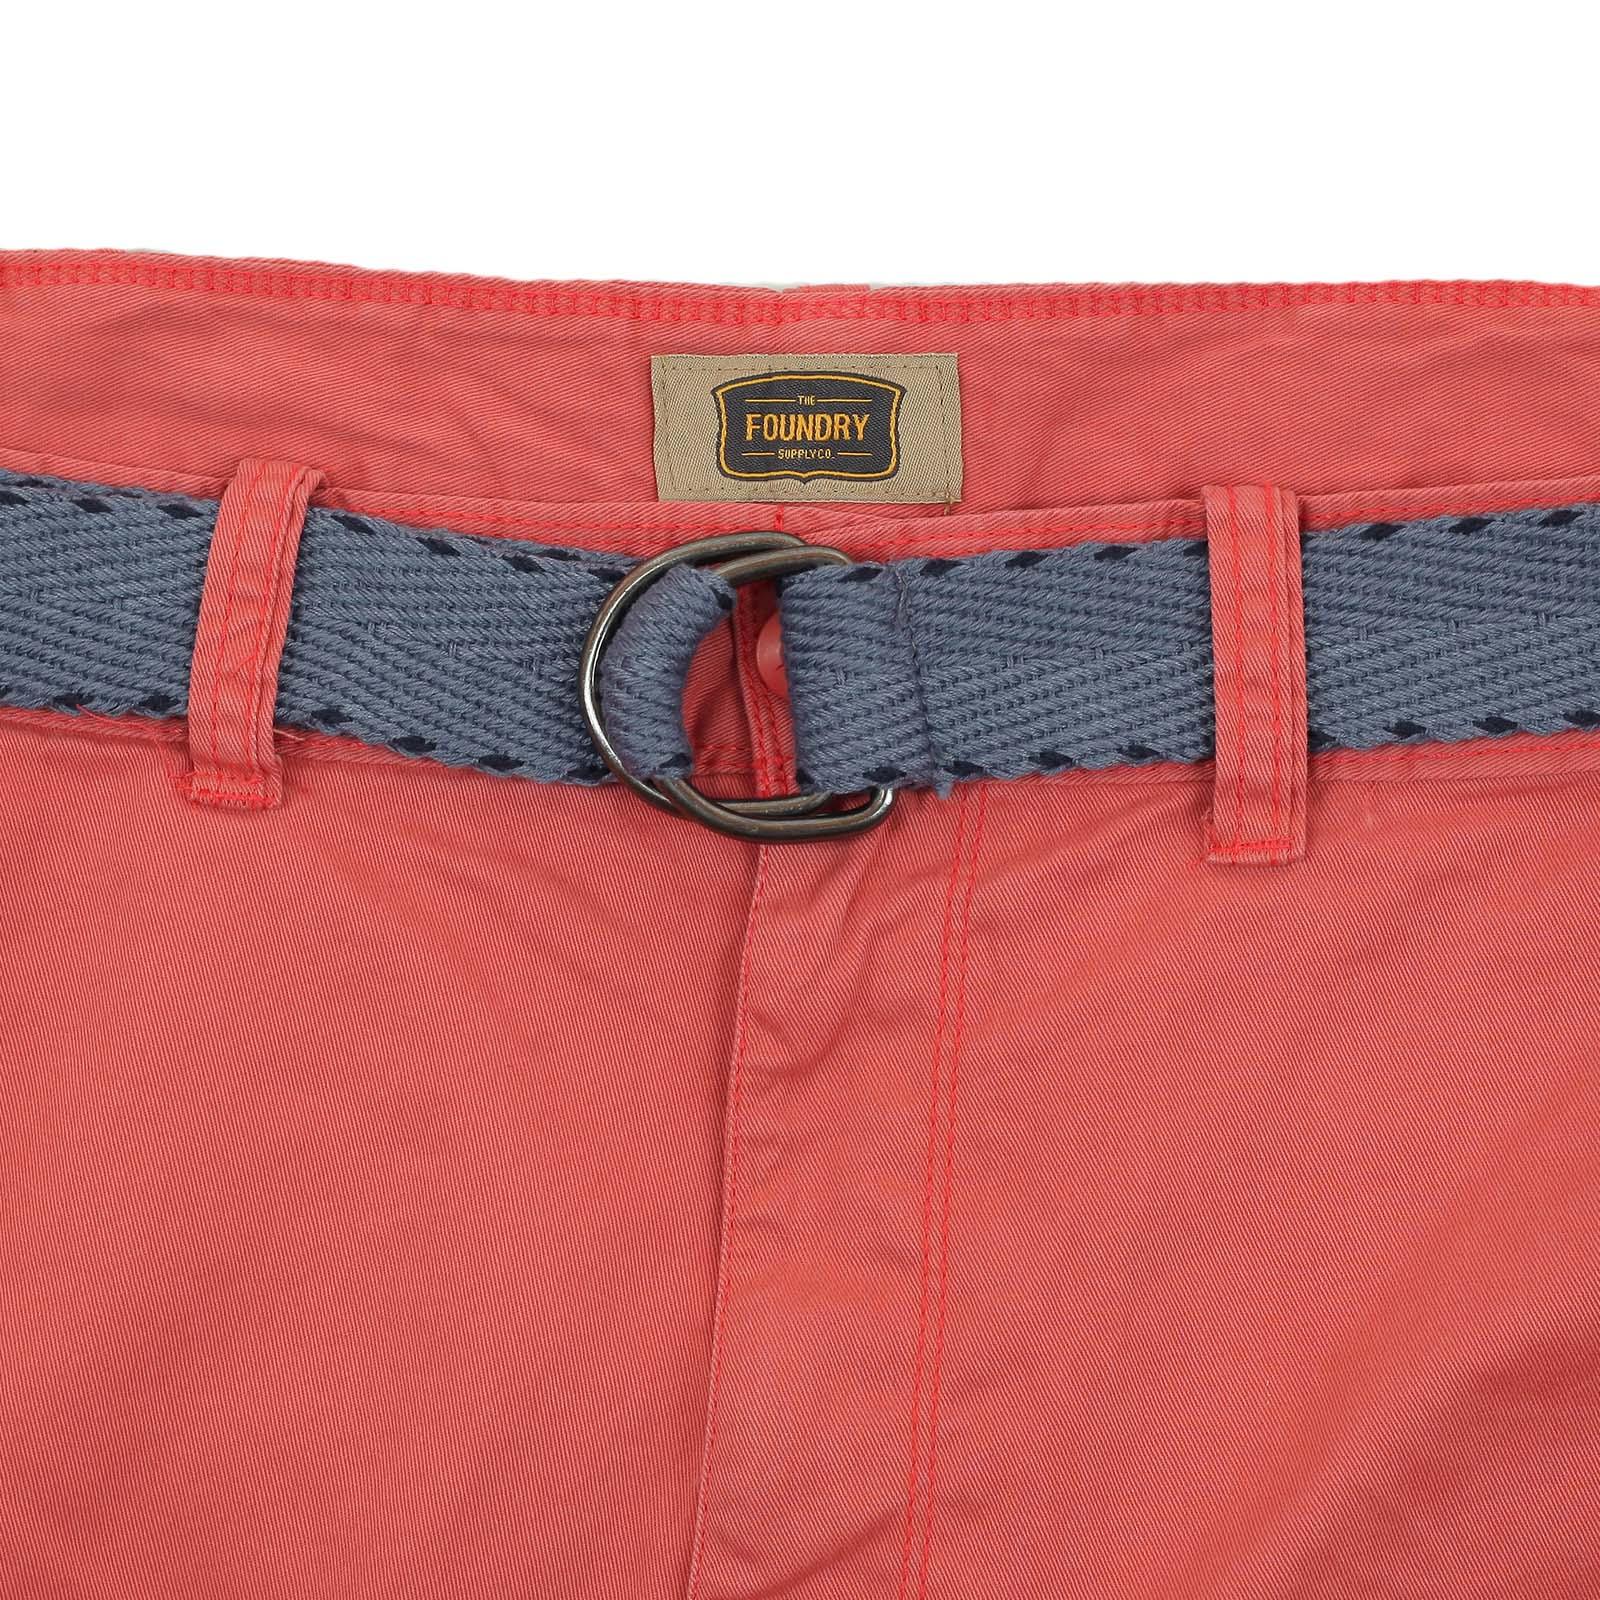 Летние шорты большого размера для мужчин (Foundry, США)